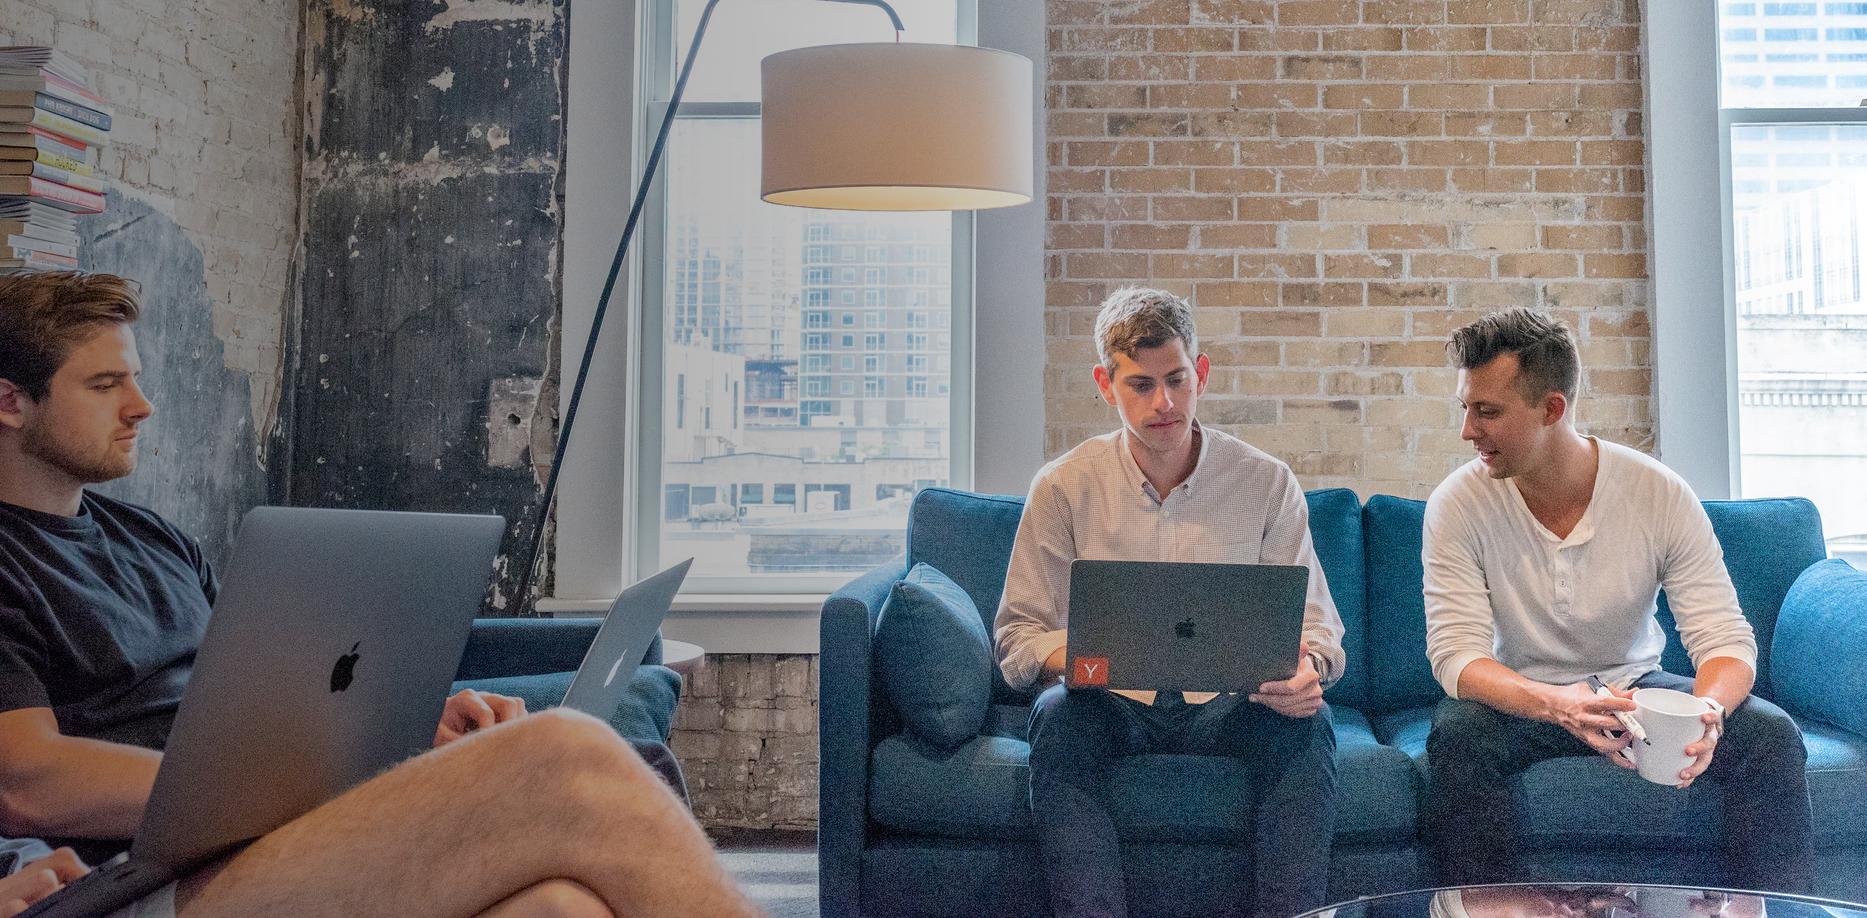 Фото с двумя мужчинами сидящие в комнате перед ноутбуком и разговаривают